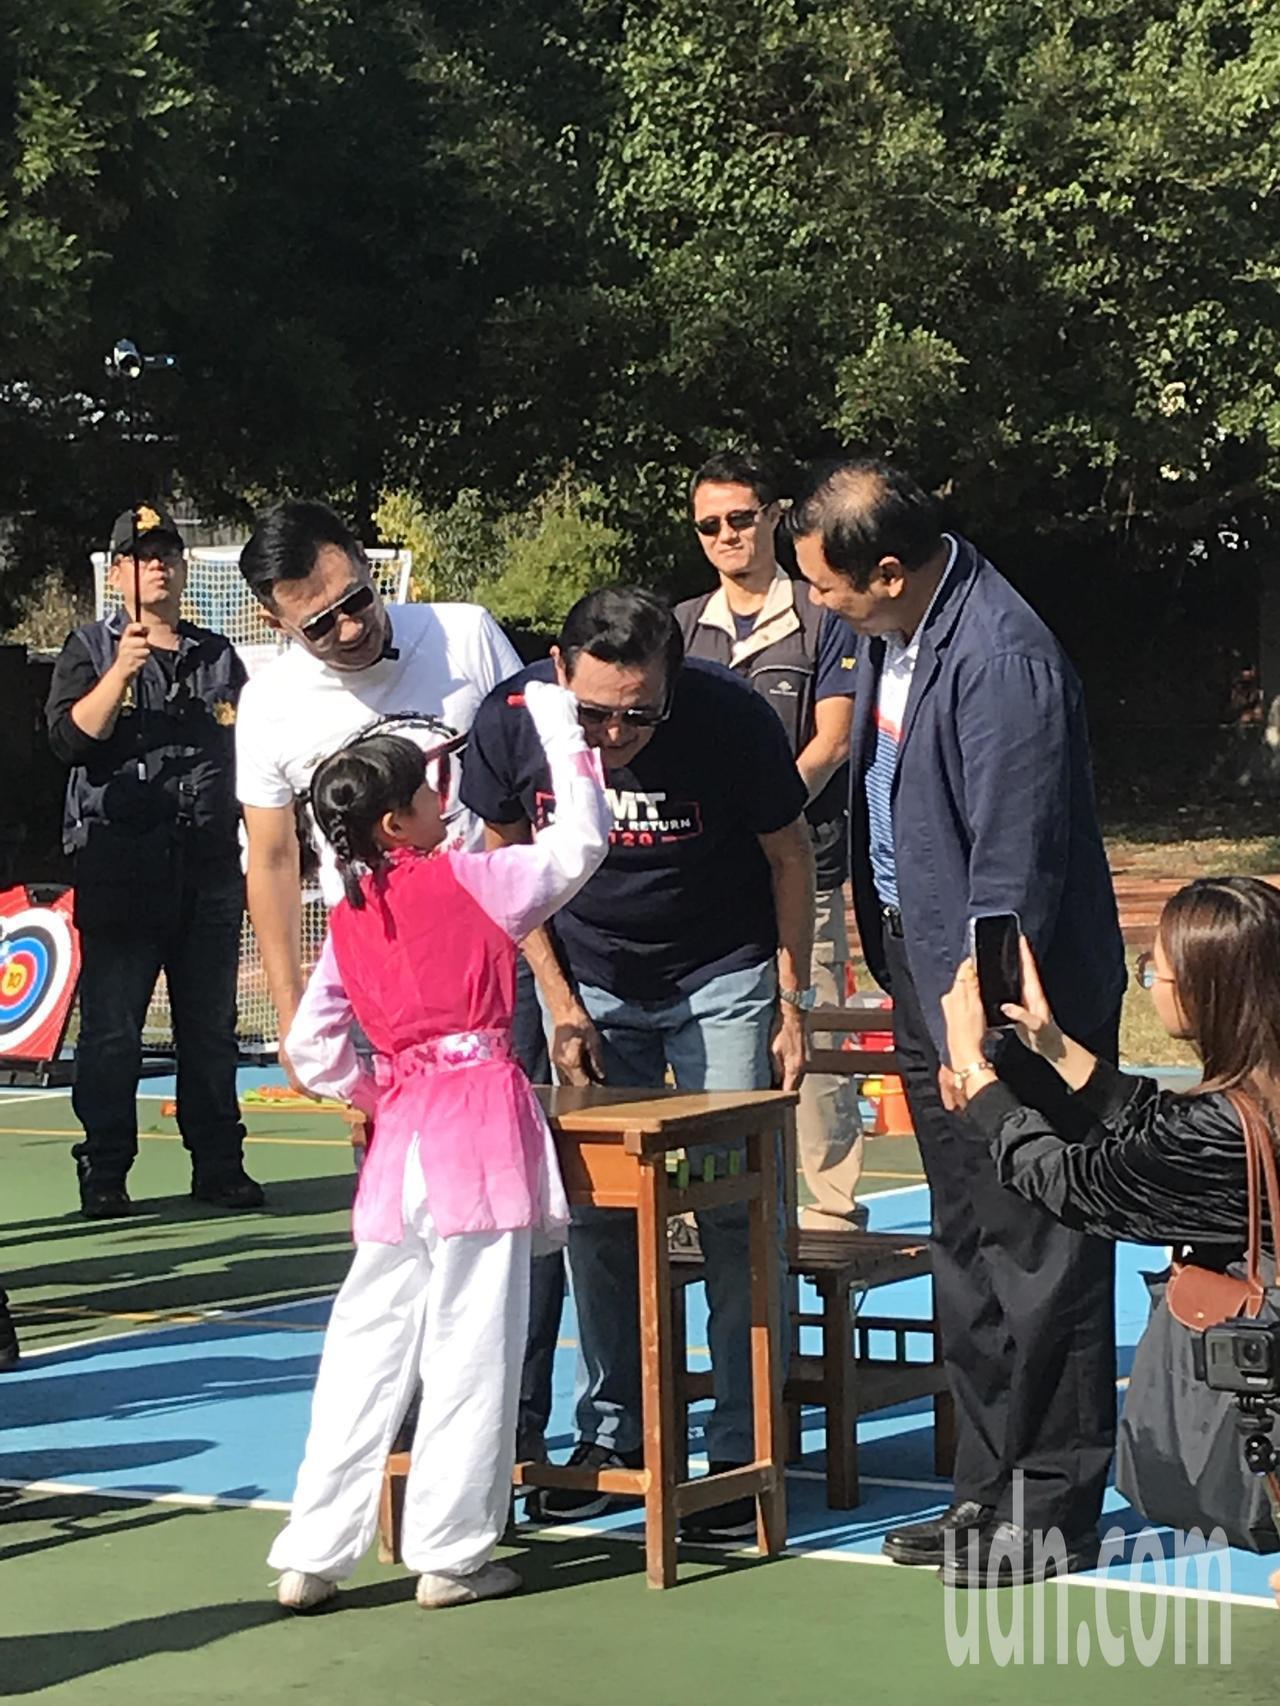 前總統馬英九與學生一起玩趣味競賽,小朋友拿彩色筆在馬臉上「塗鴉」,相當趣味。記者...